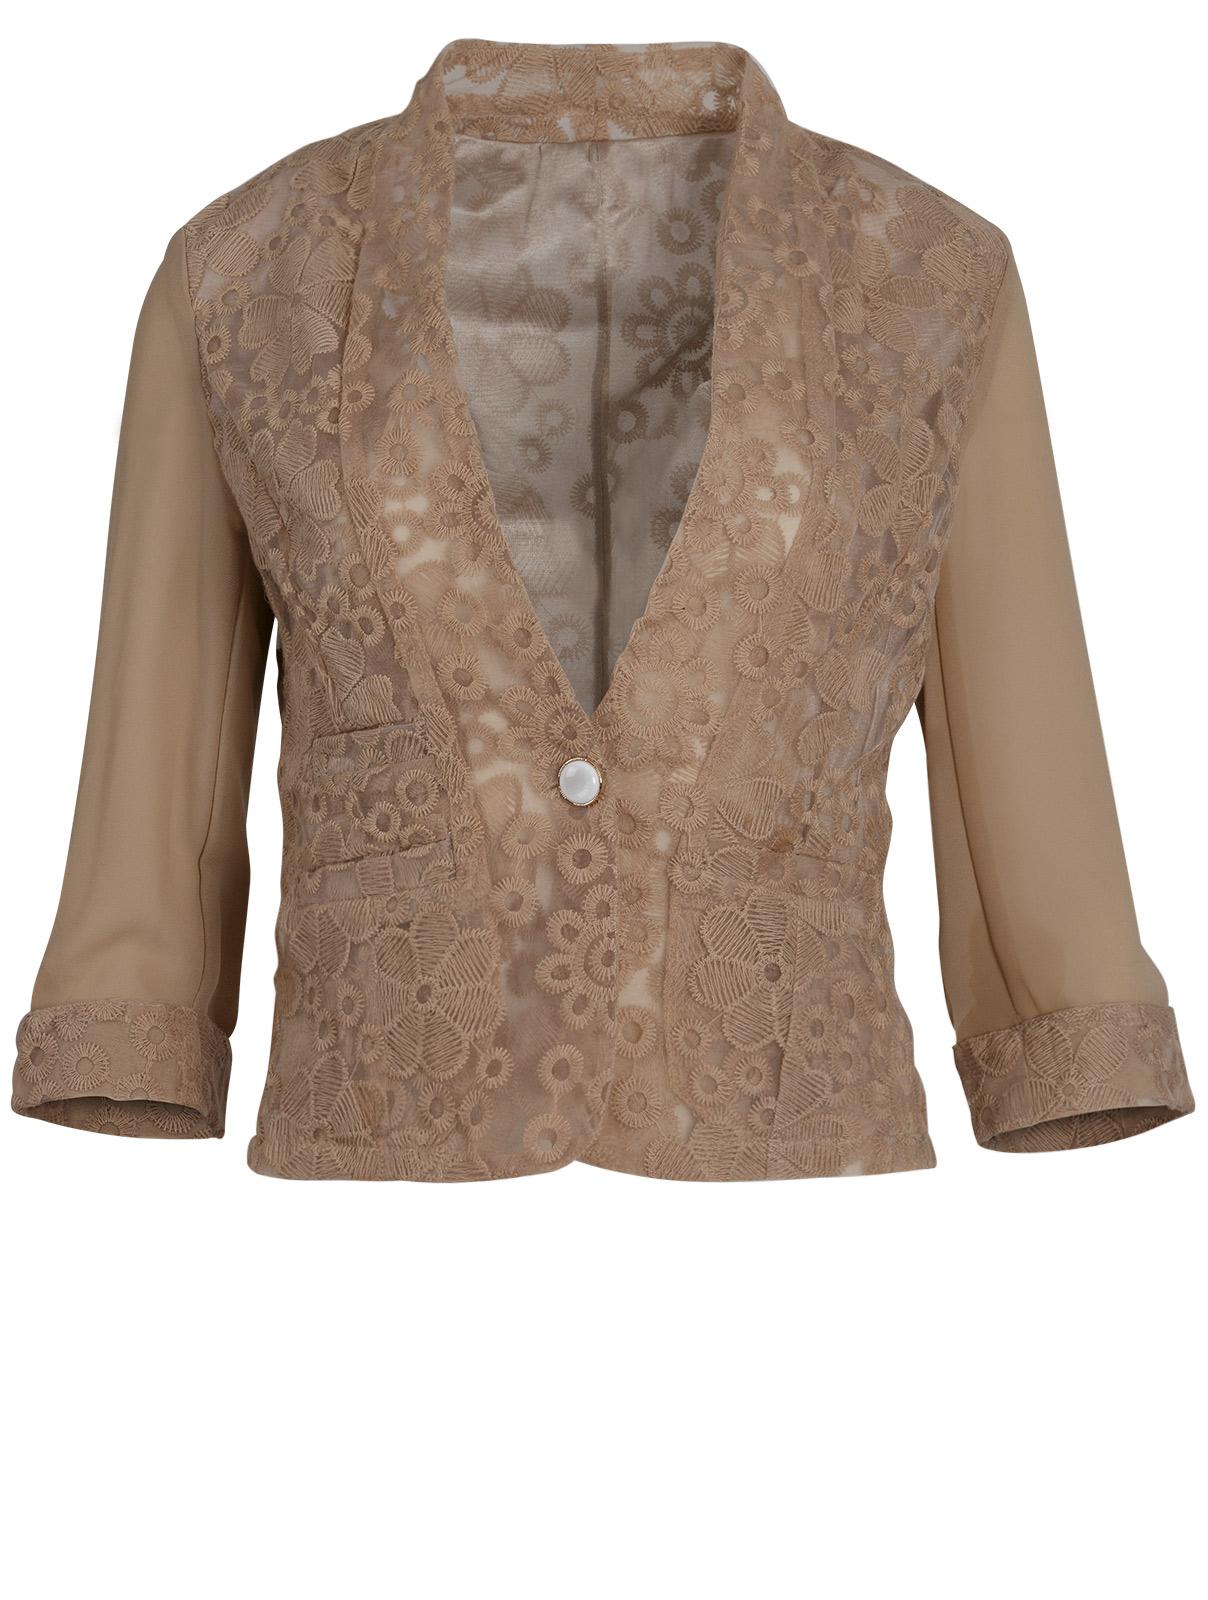 Μπολερό Σακάκι γυναικεία   πανωφόρια   σακάκια